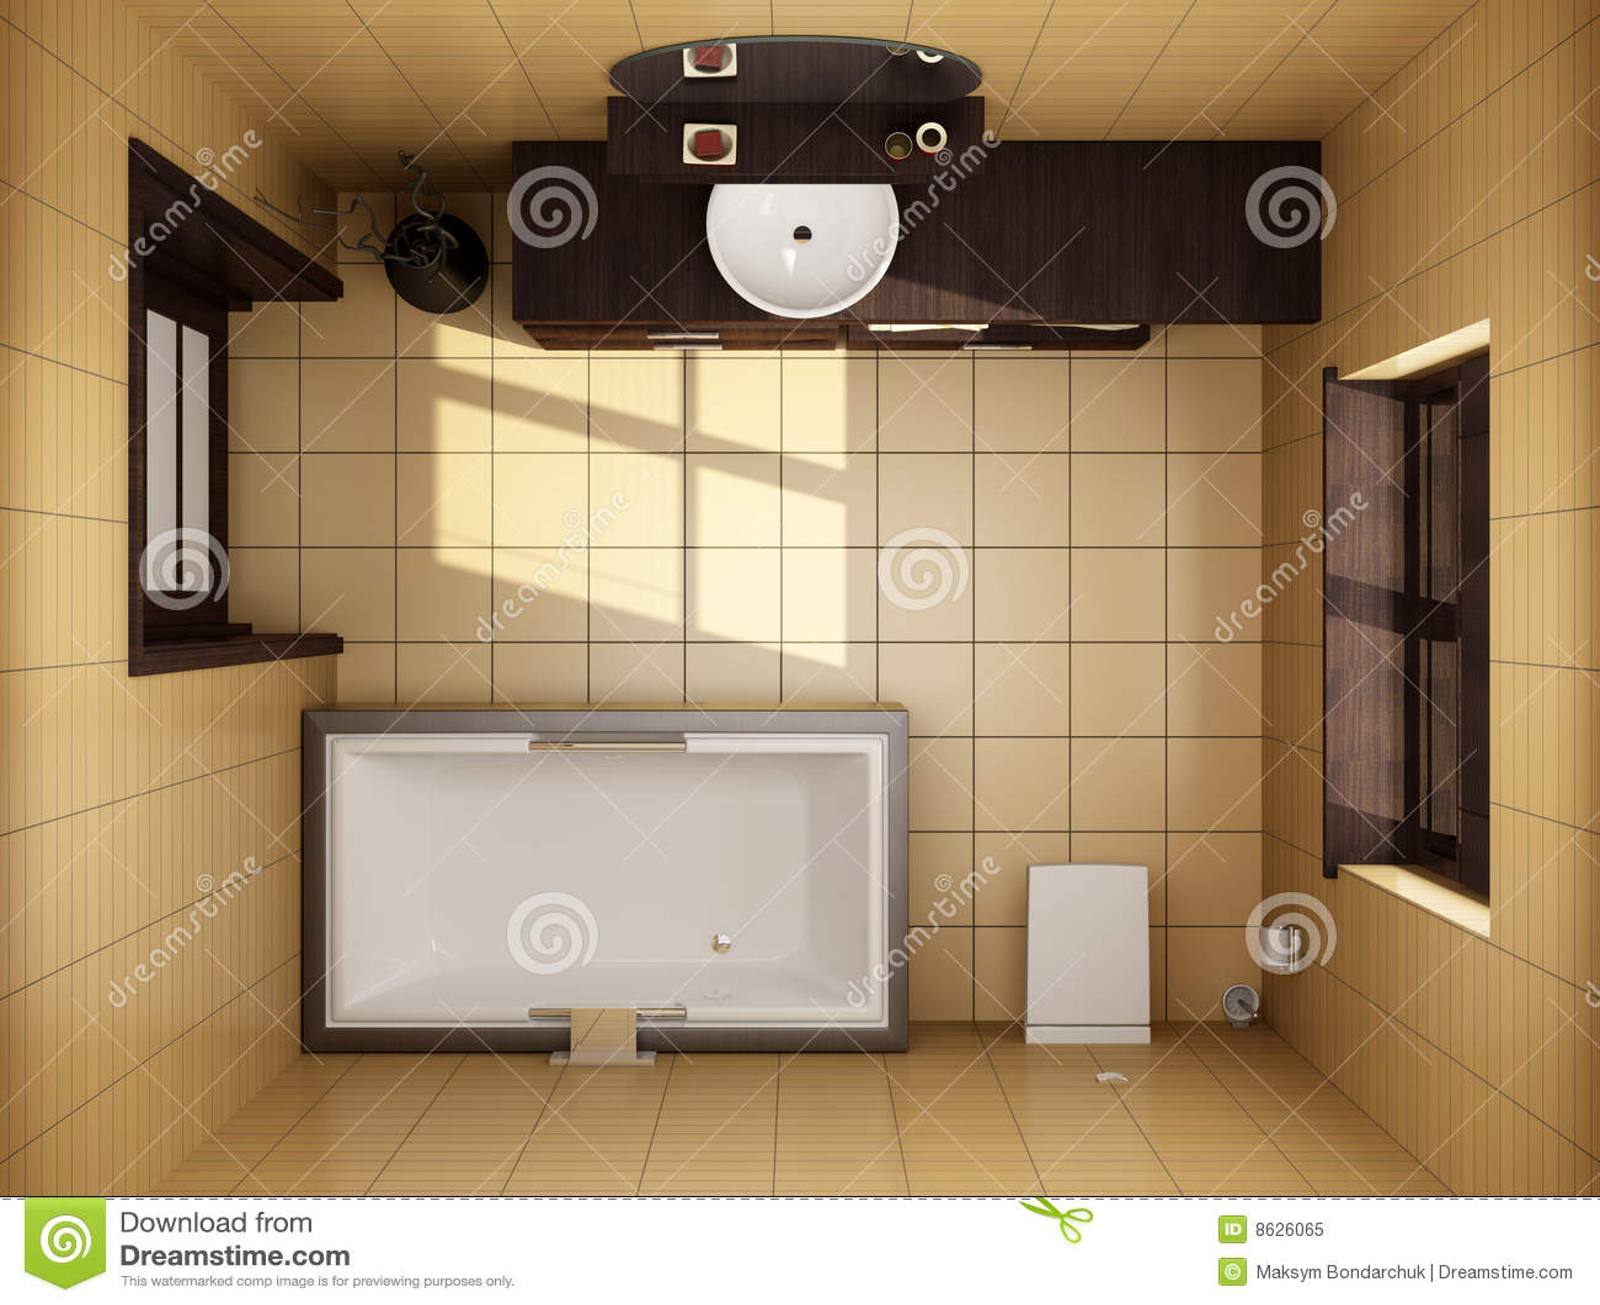 Vasca Da Bagno Stile Giapponese : Bagno giapponese mori fine style japan il bagno secondo la